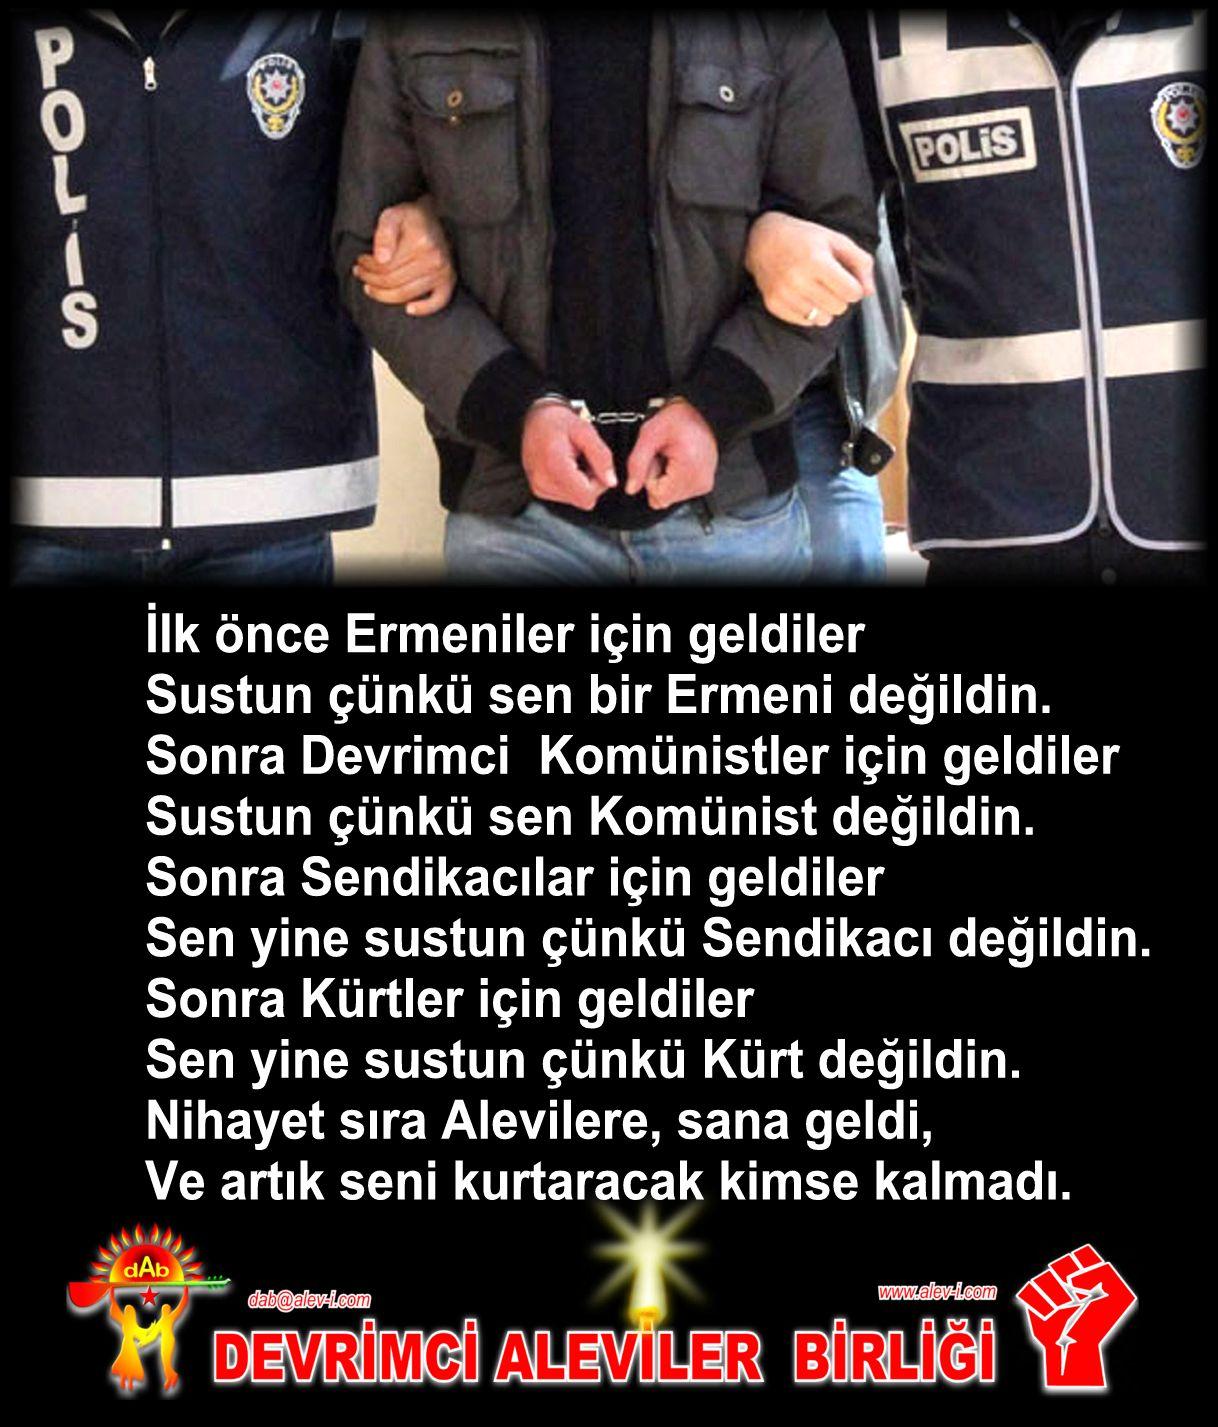 Devrimci Aleviler Birliği DAB Alevi Kızılbaş Bektaşi pir sultan cem hz Ali 12 imam semah Feramuz Şah Acar tutuklama kimse kalmadi